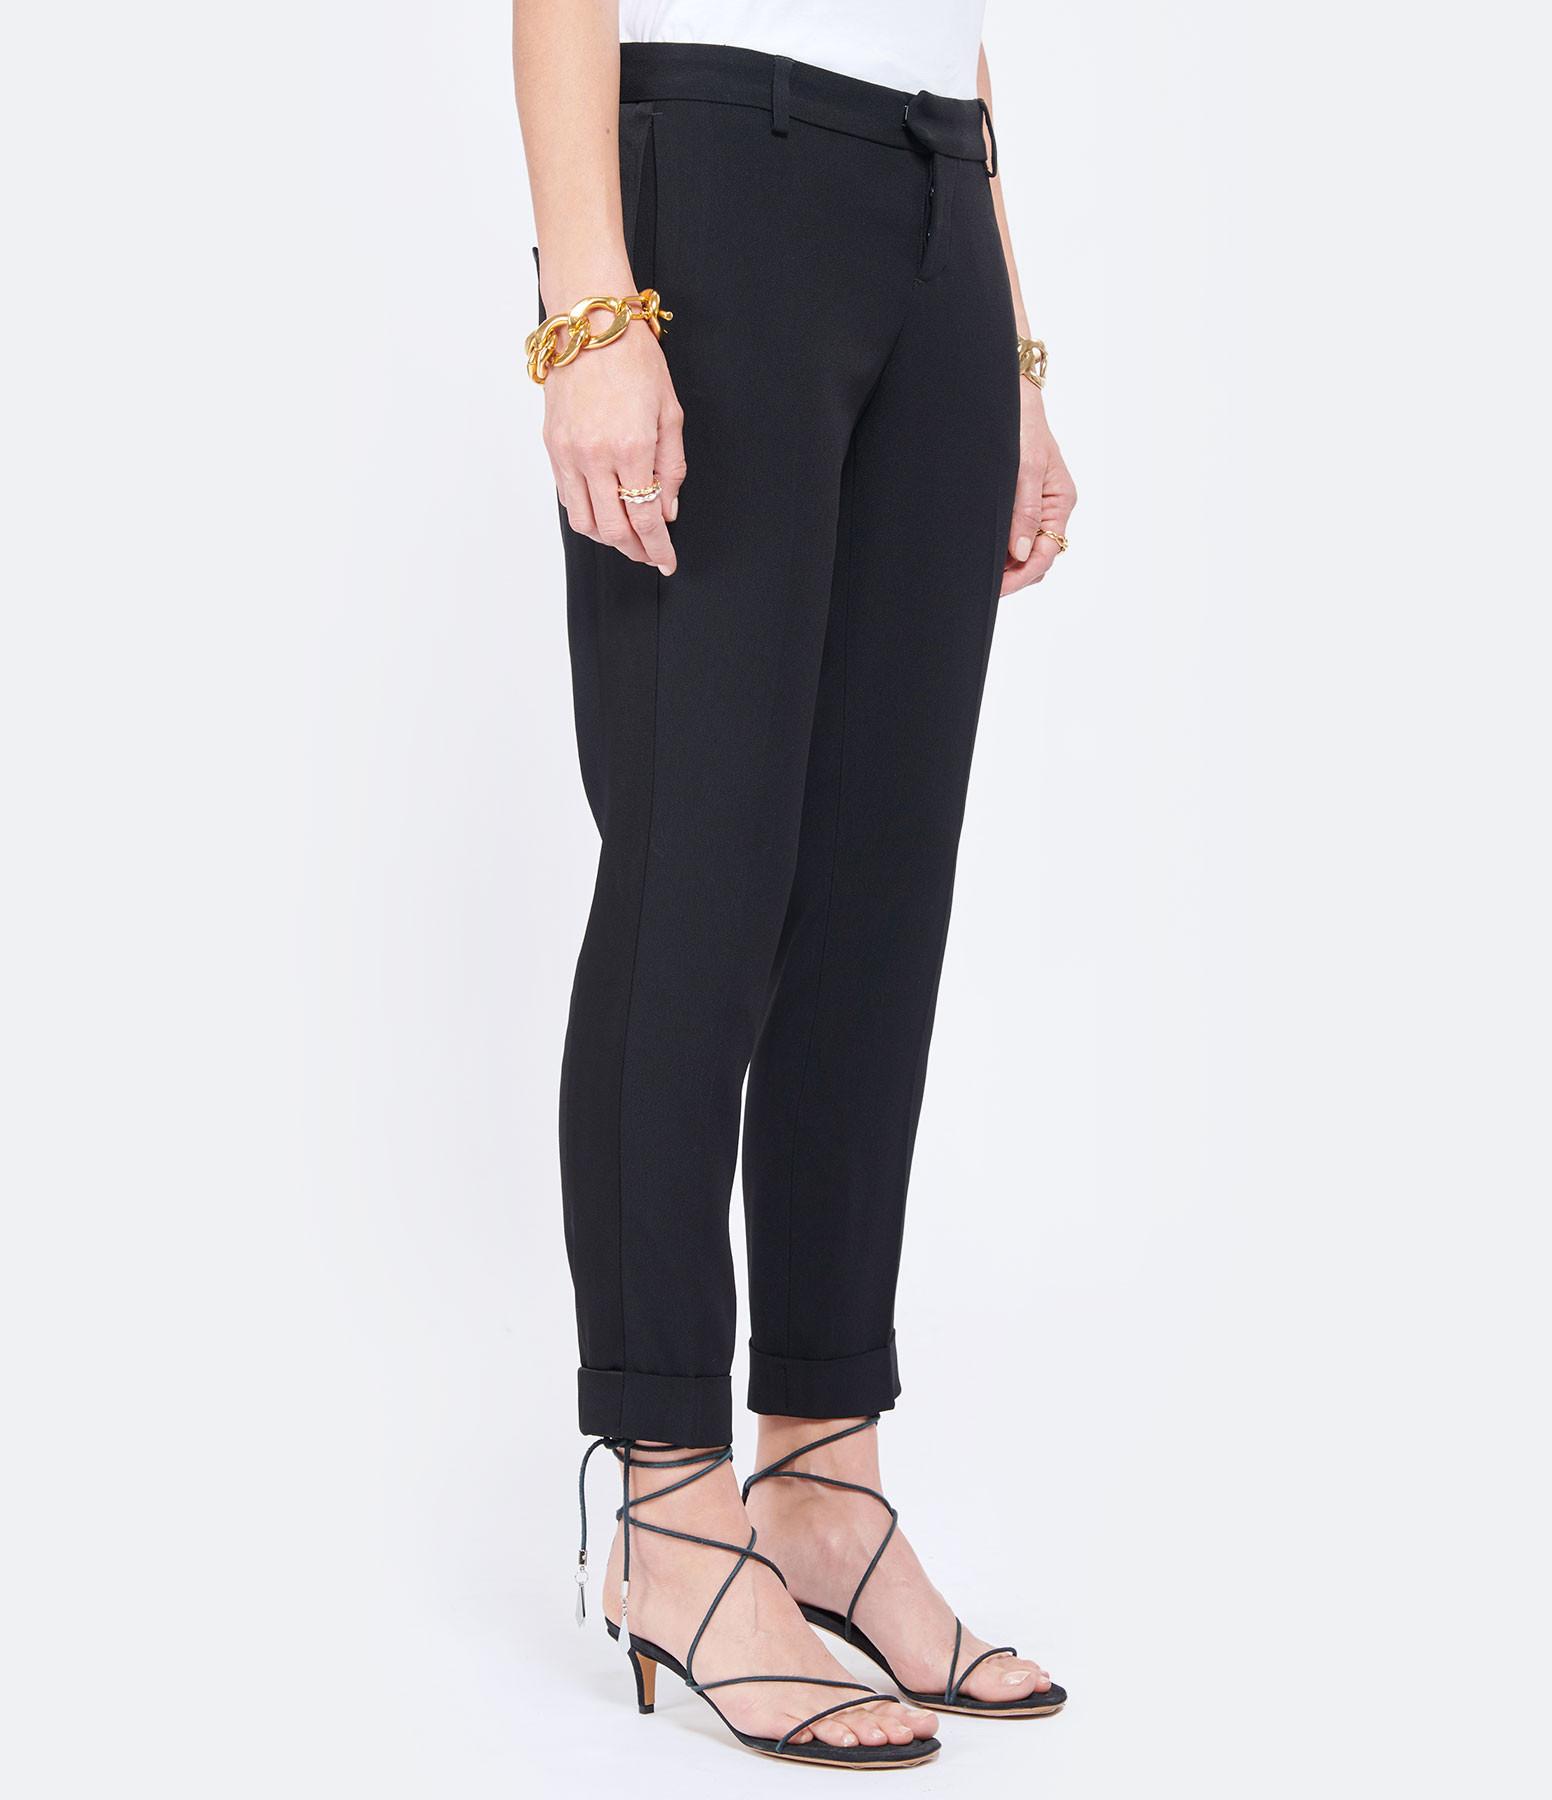 MAISON SARAH LAVOINE - Pantalon Smoking Claude Noir